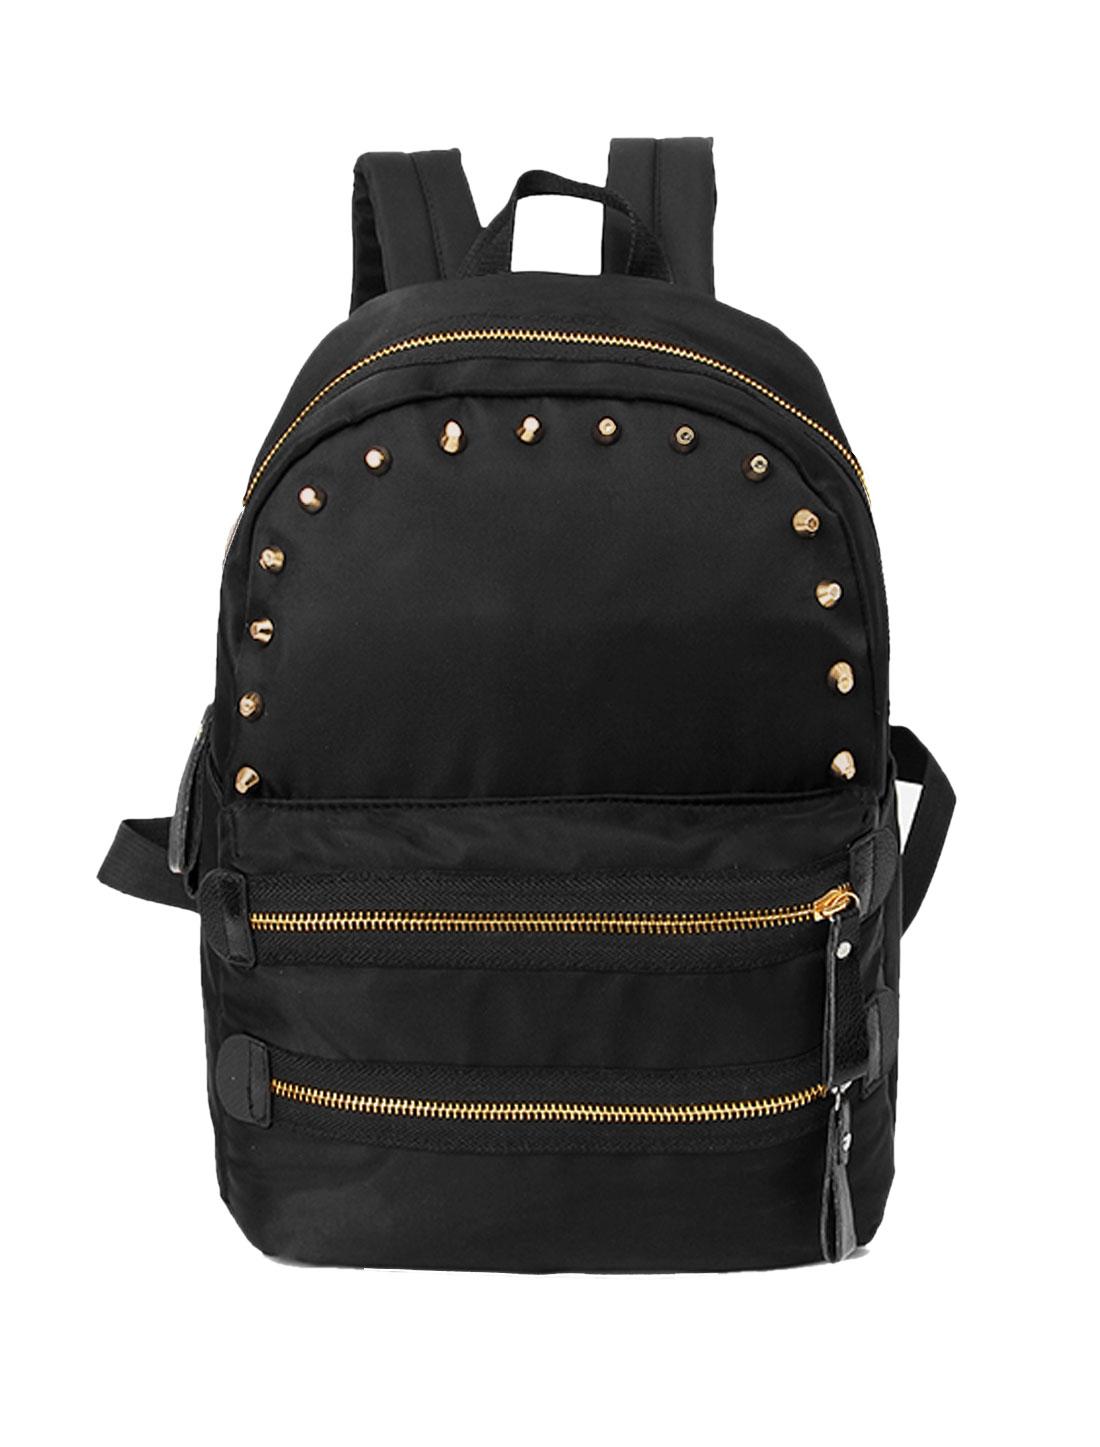 Women Studs Embellished Front Zippered Tarpaulins Backpack Black